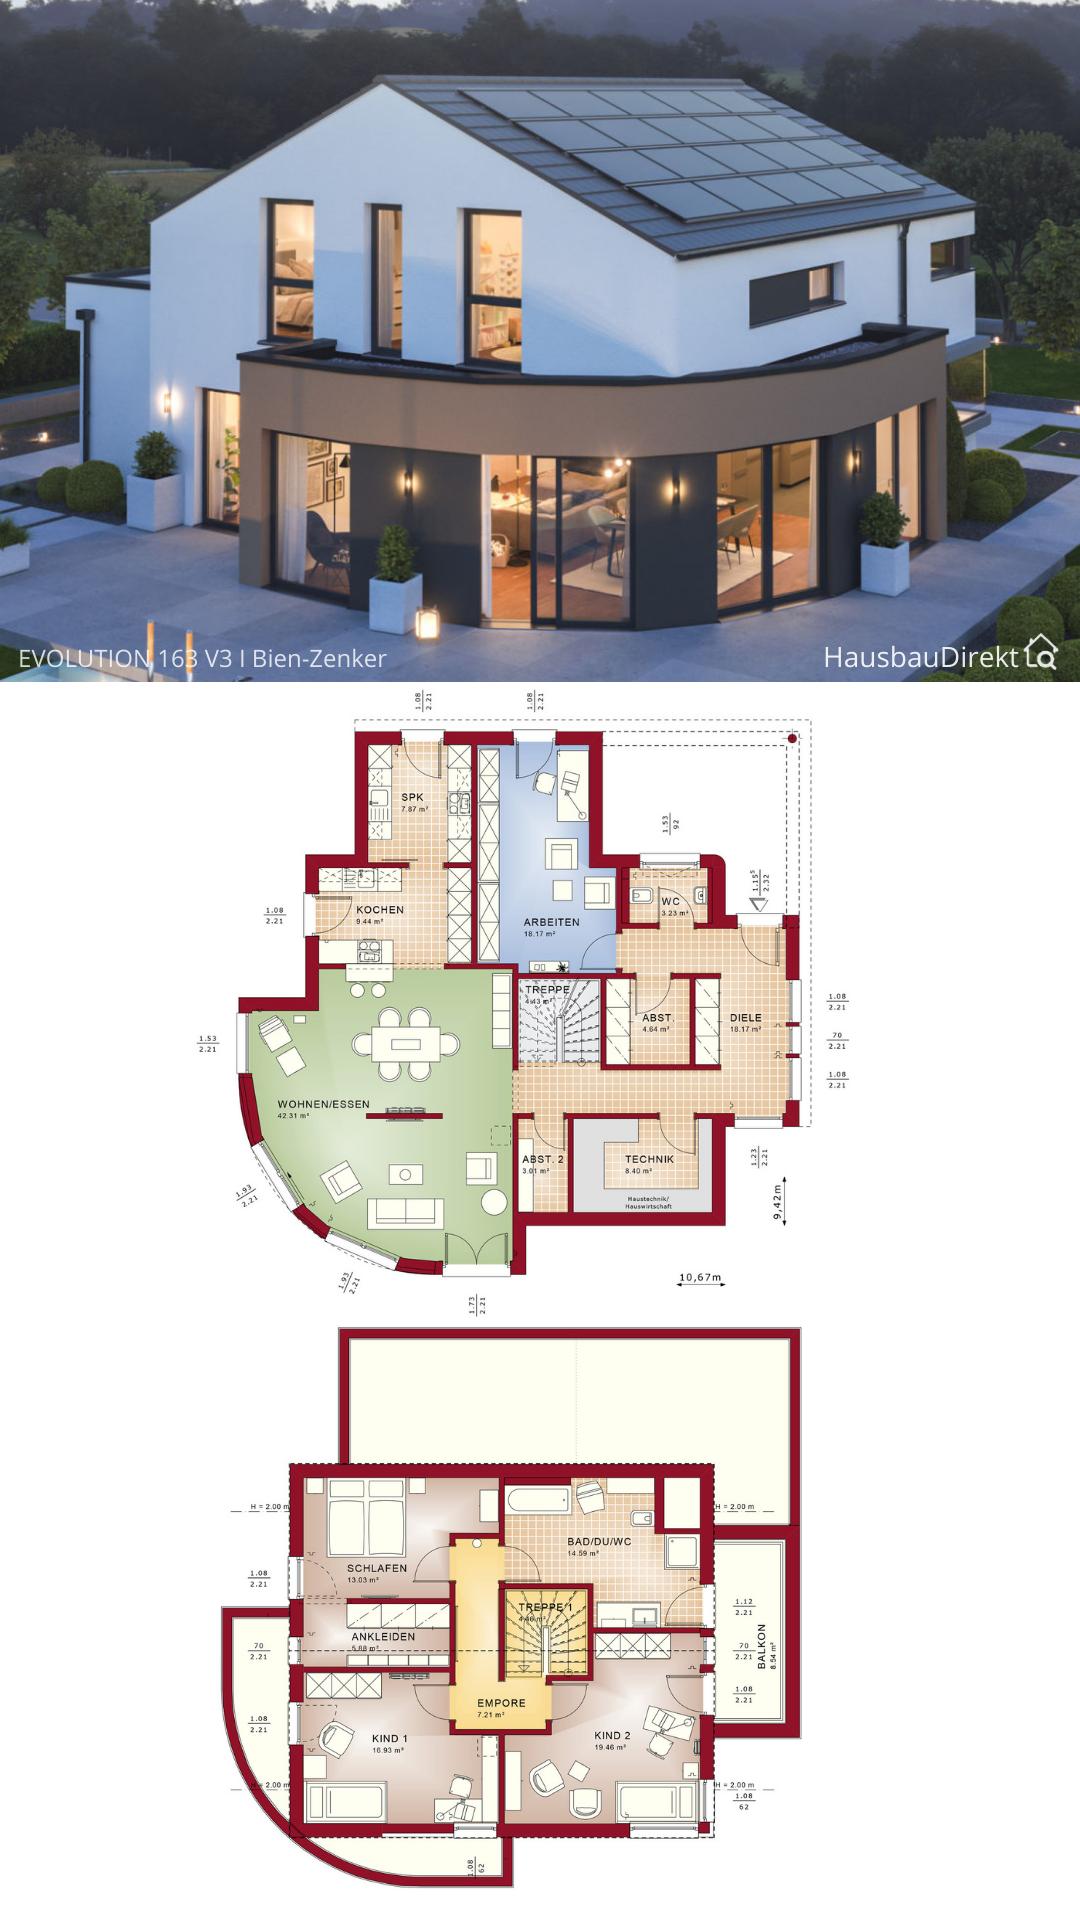 Moderner Einfamilienhaus Grundriss mit Satteldach & XL Erker bauen Haus Ideen 160 qm groß 5 Zimmer